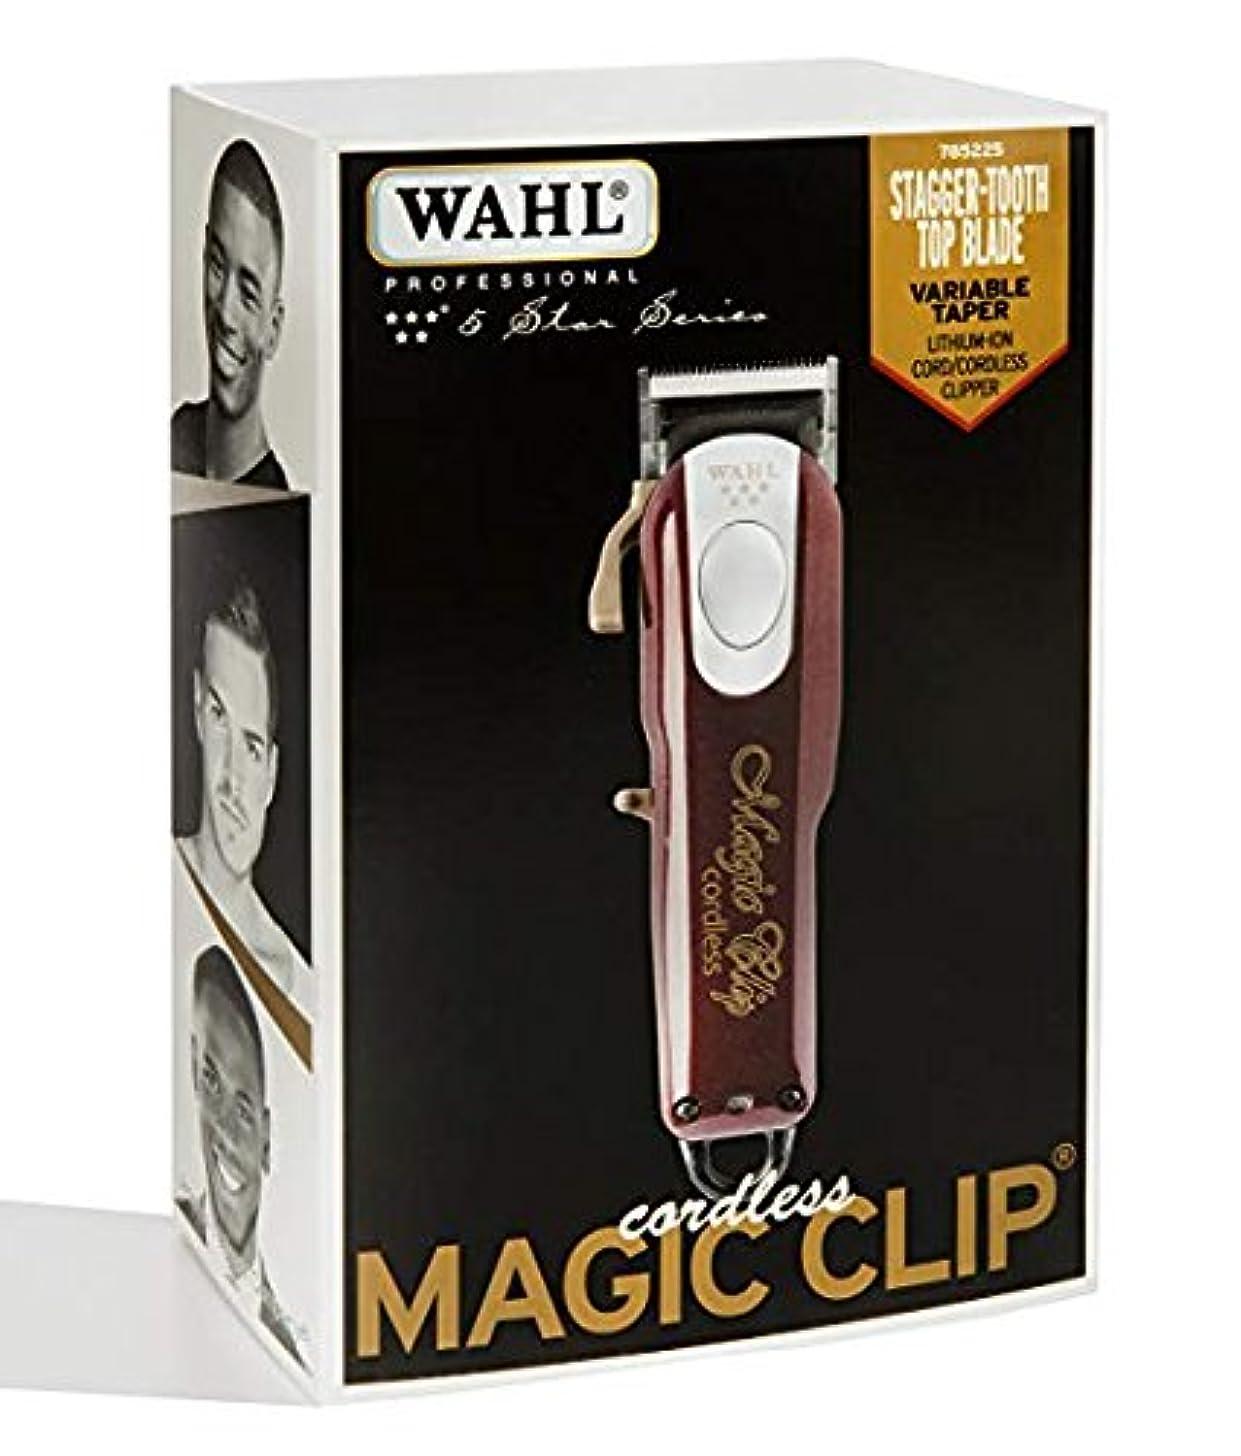 演劇合意マンモス[Wahl] [すばらしいです 専用 理髪店とスタイリスト - 90分以上の実行時間 / Professional 5-Star Cord/Cordless Magic Clip #8148] (並行輸入品)